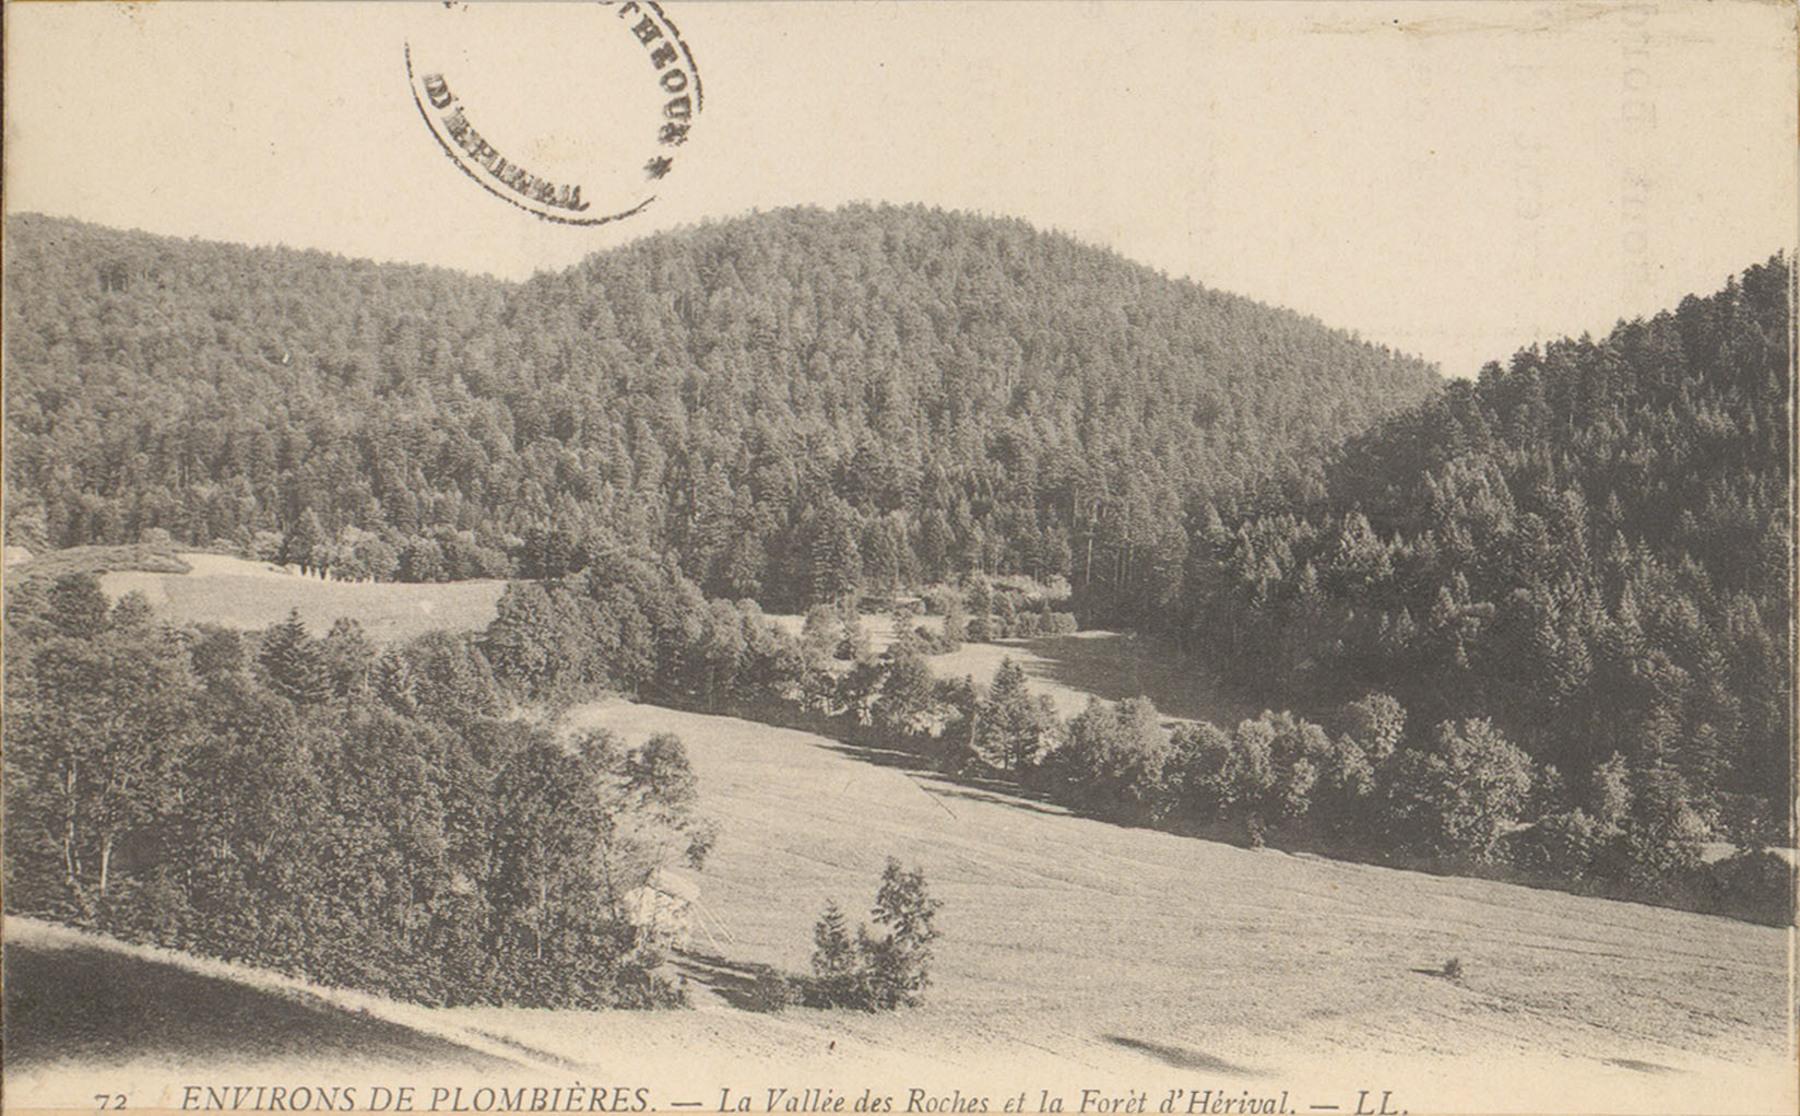 Contenu du La Vallée des Roches et la Forêt d'Hérival aux environs de Plombières